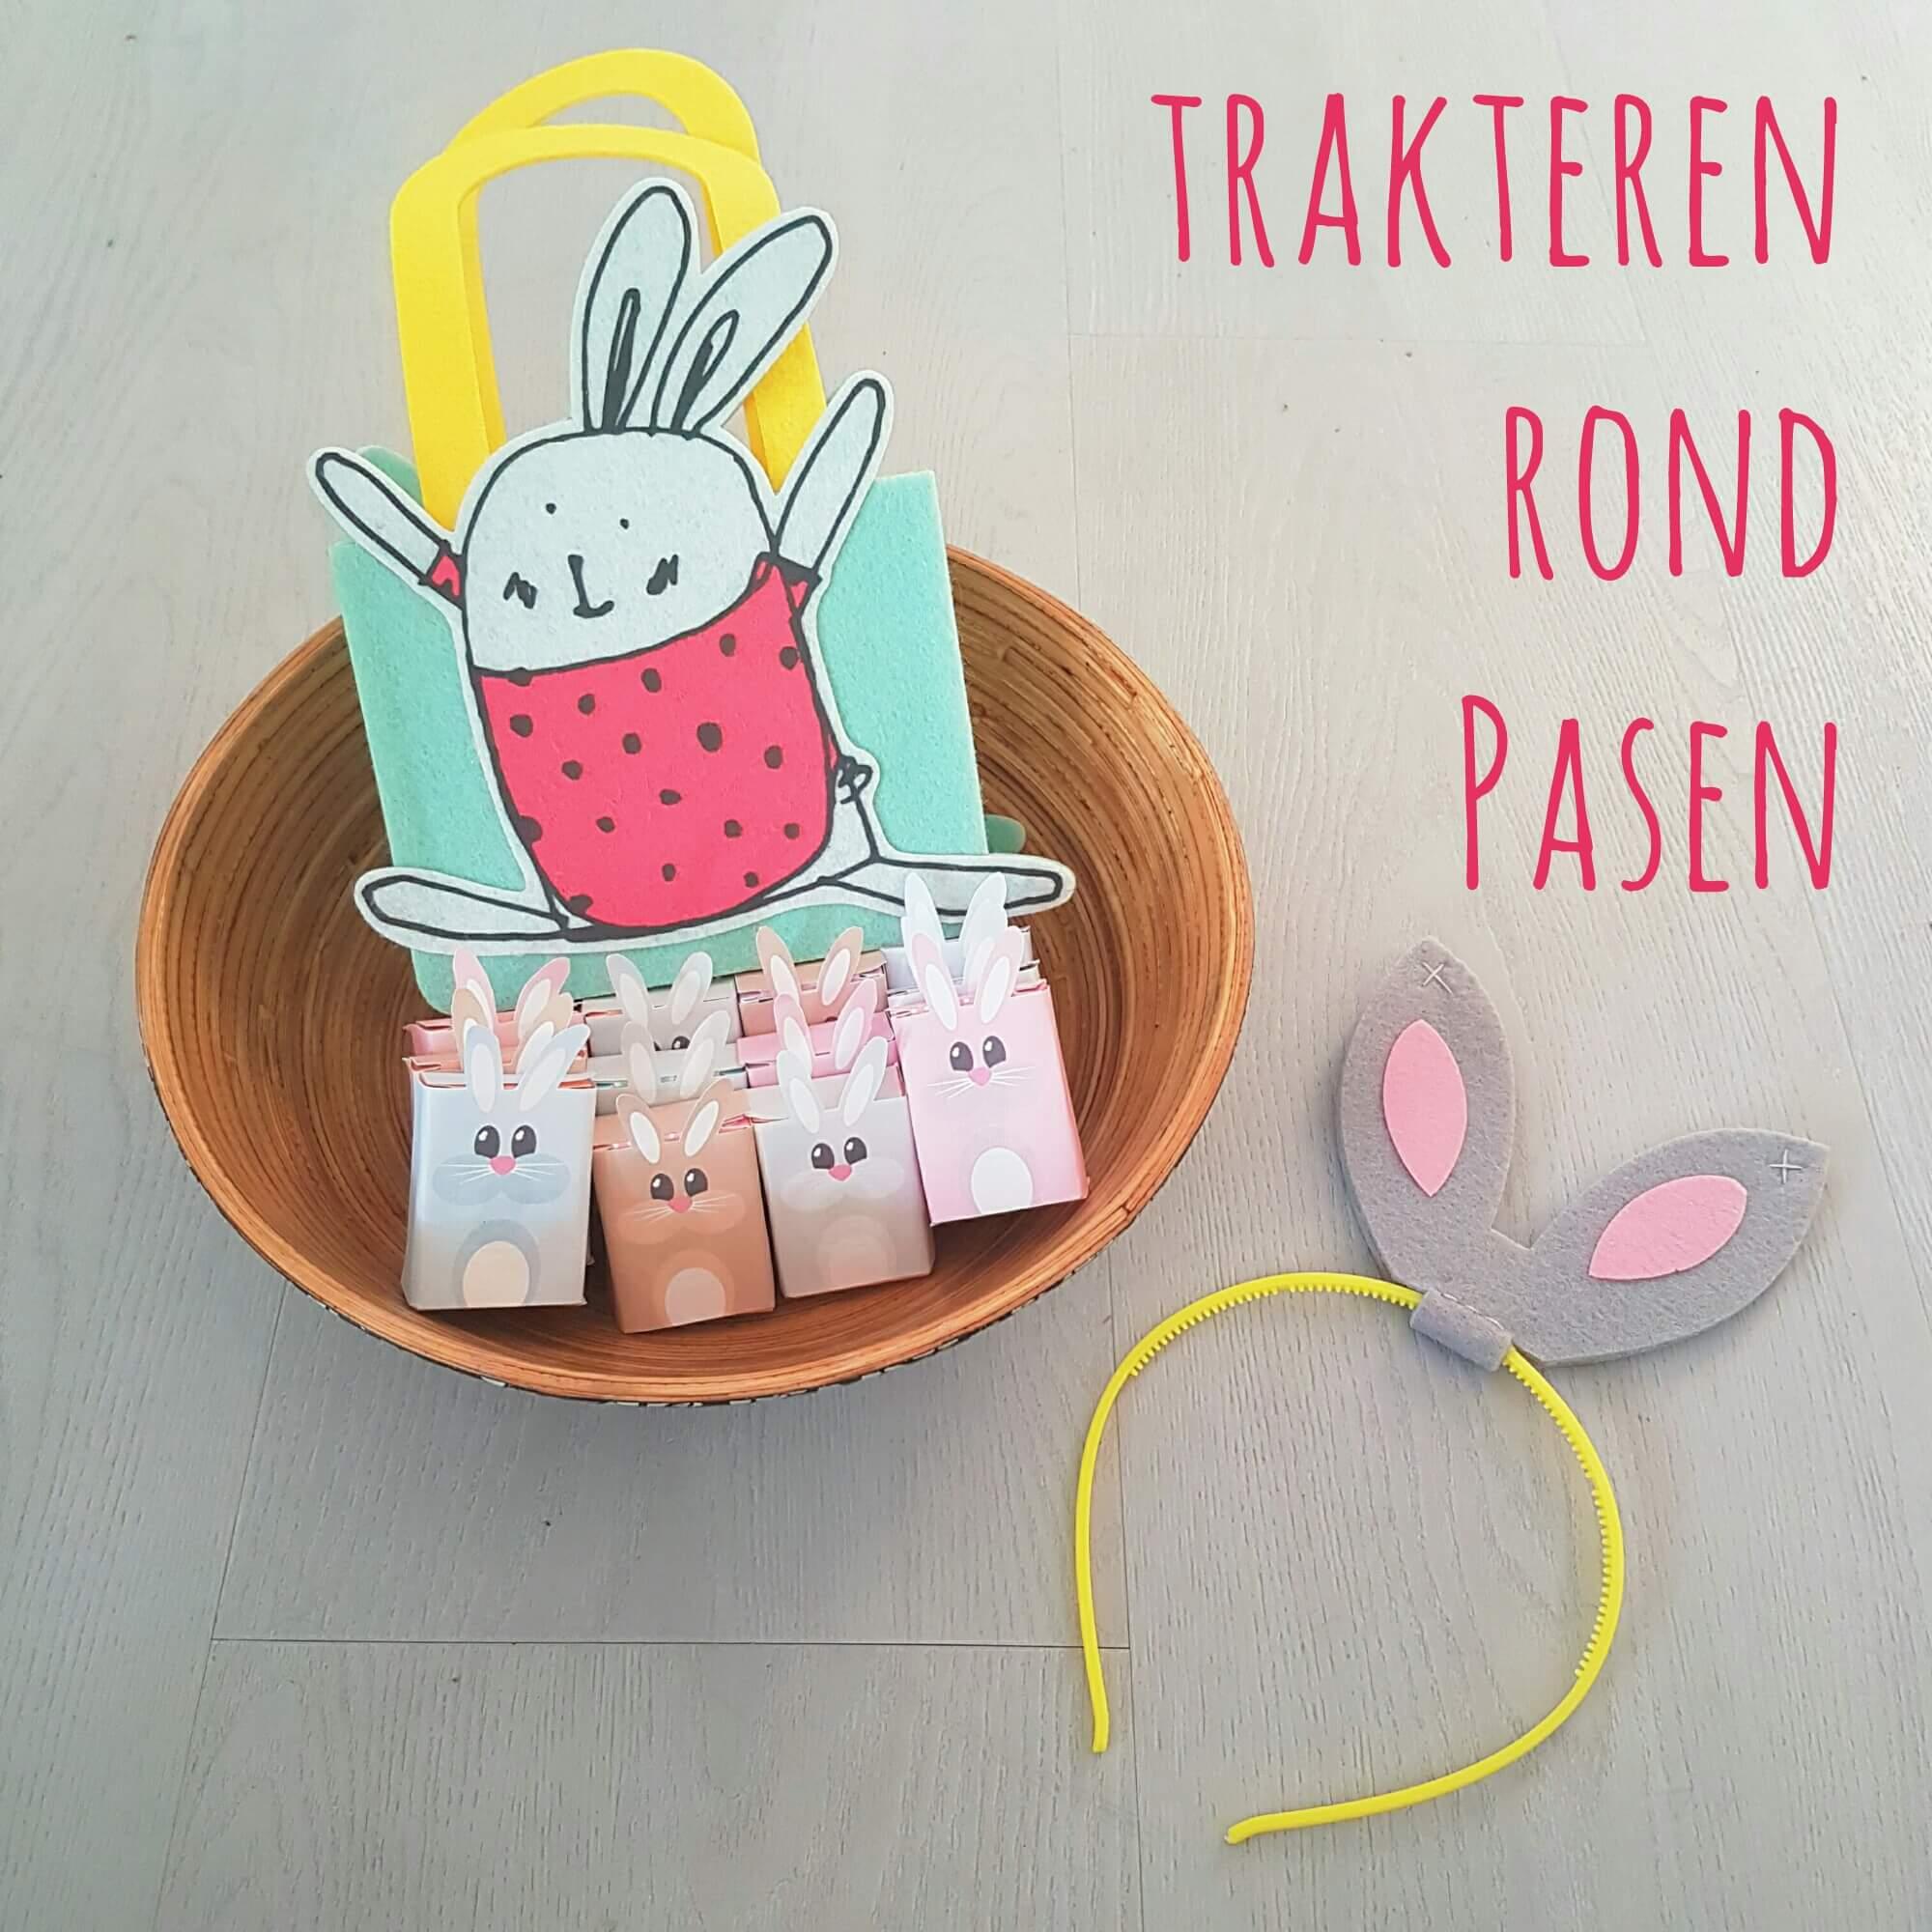 Trakteren rond Pasen op school of crèche - rozijnendoosjes konijntjes